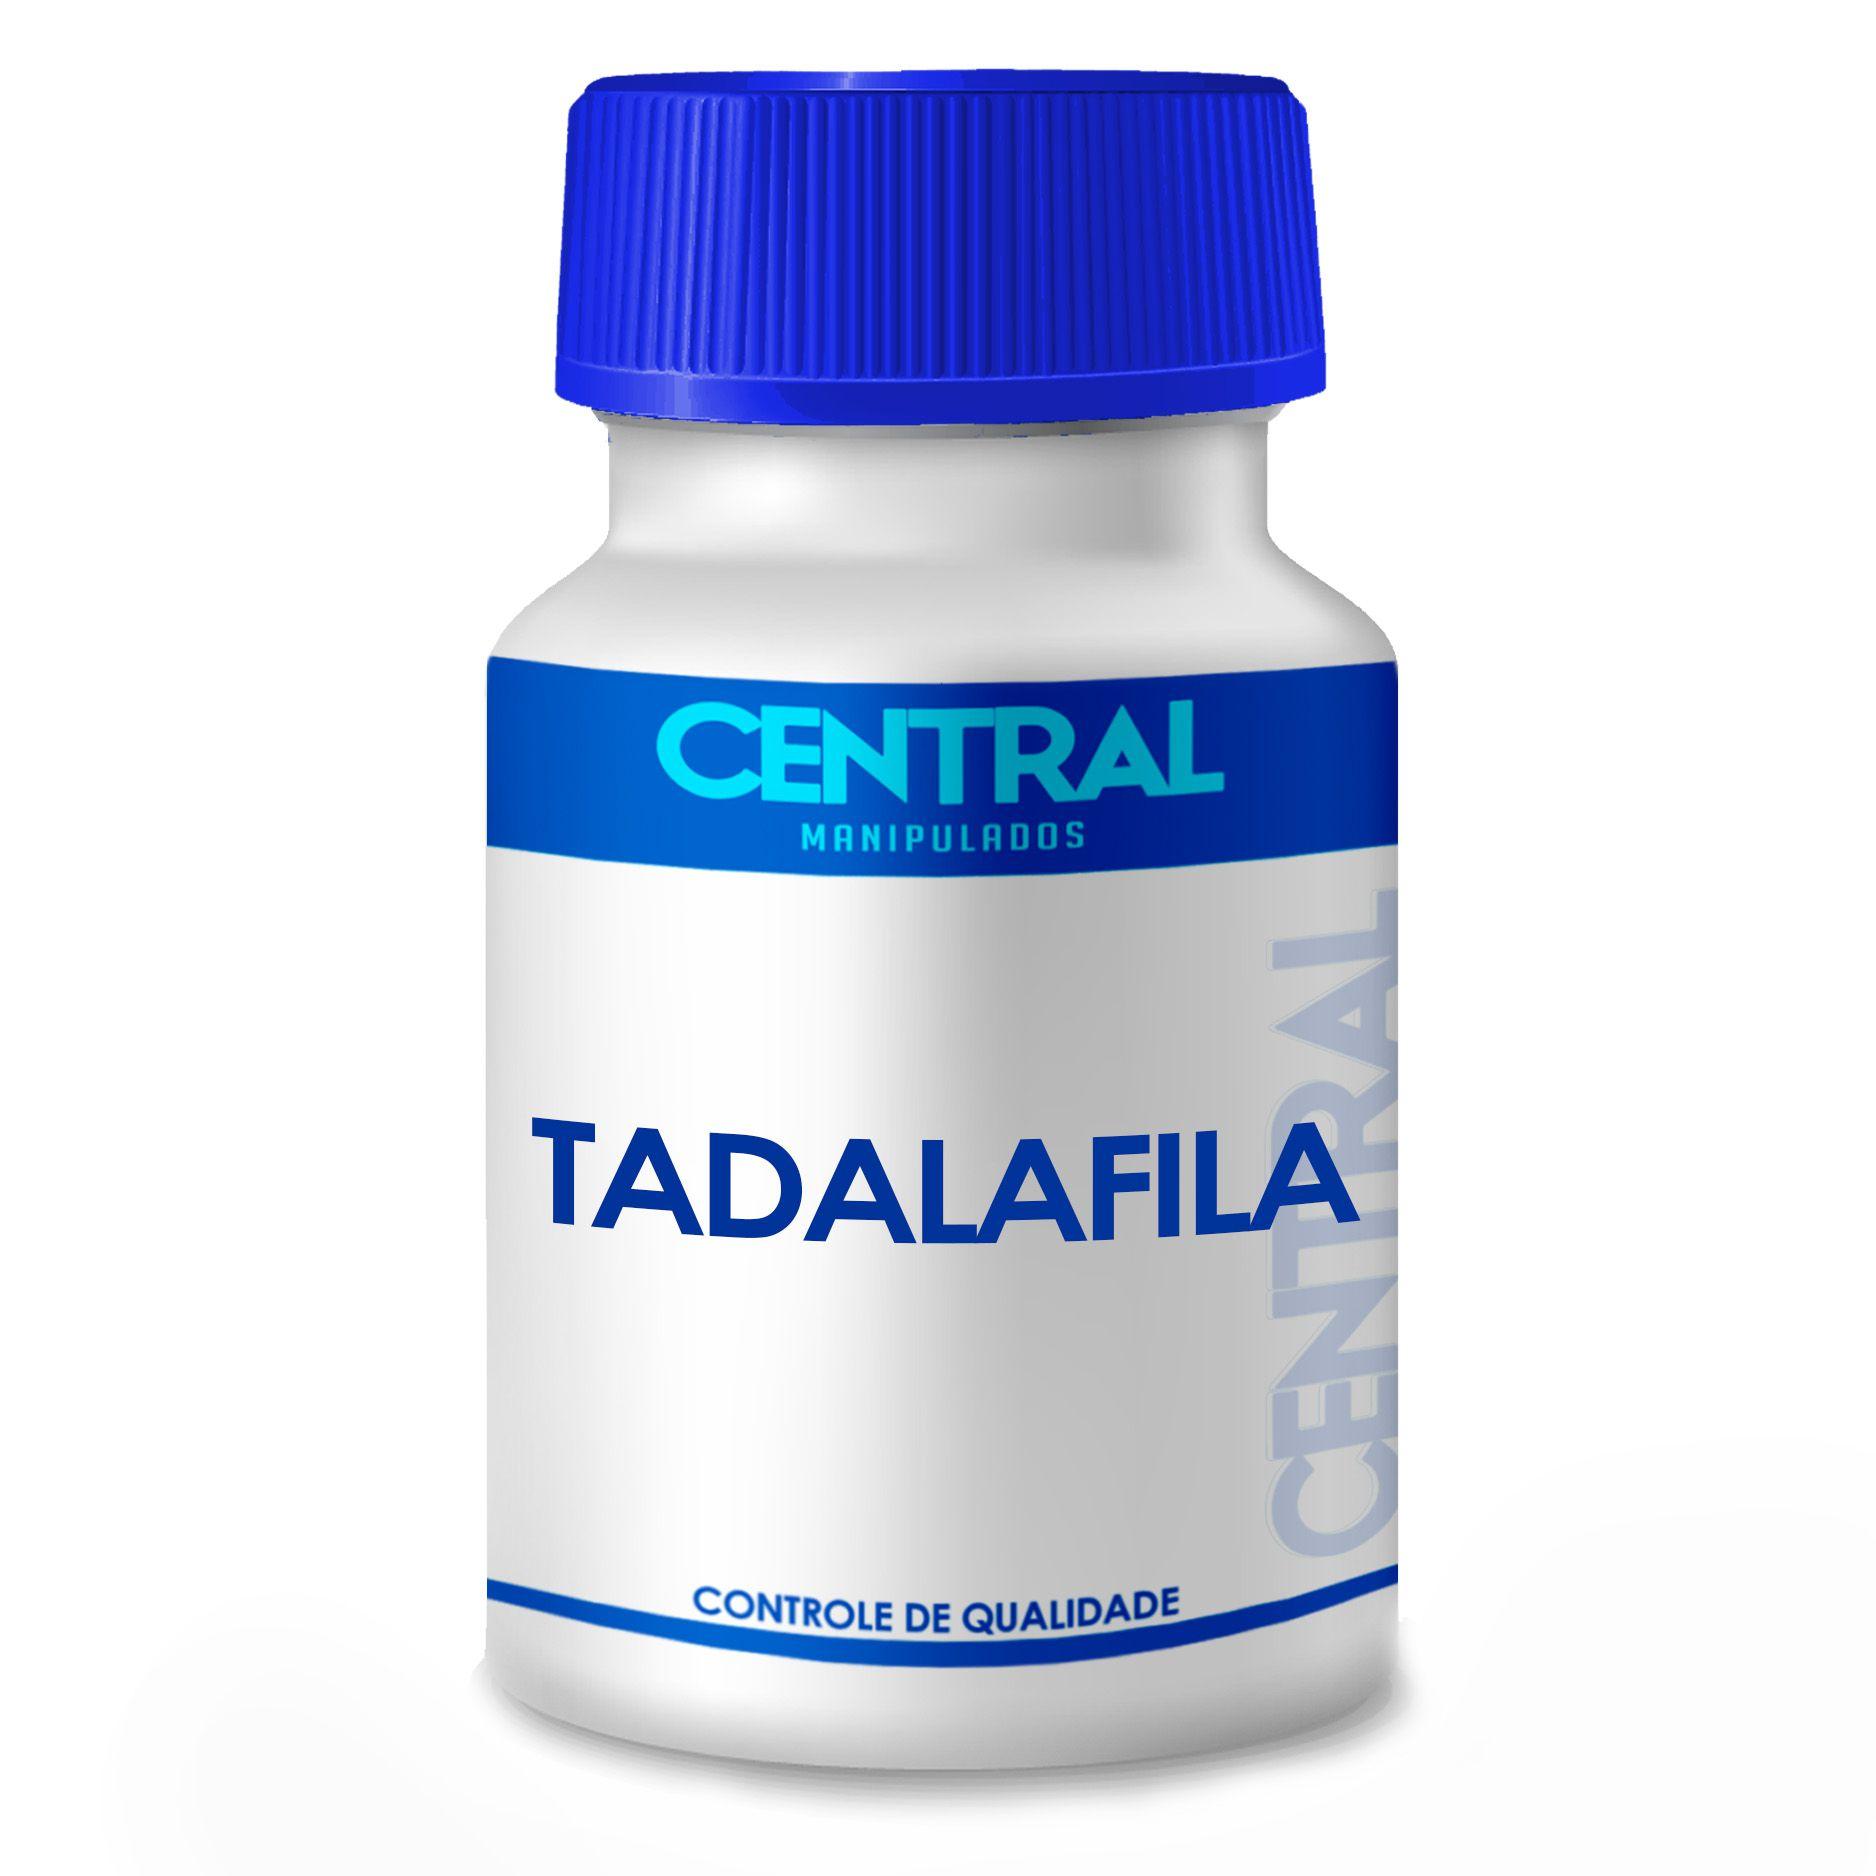 Tadalafila 5mg 60 cápsulas - tratamento da disfunção erétil